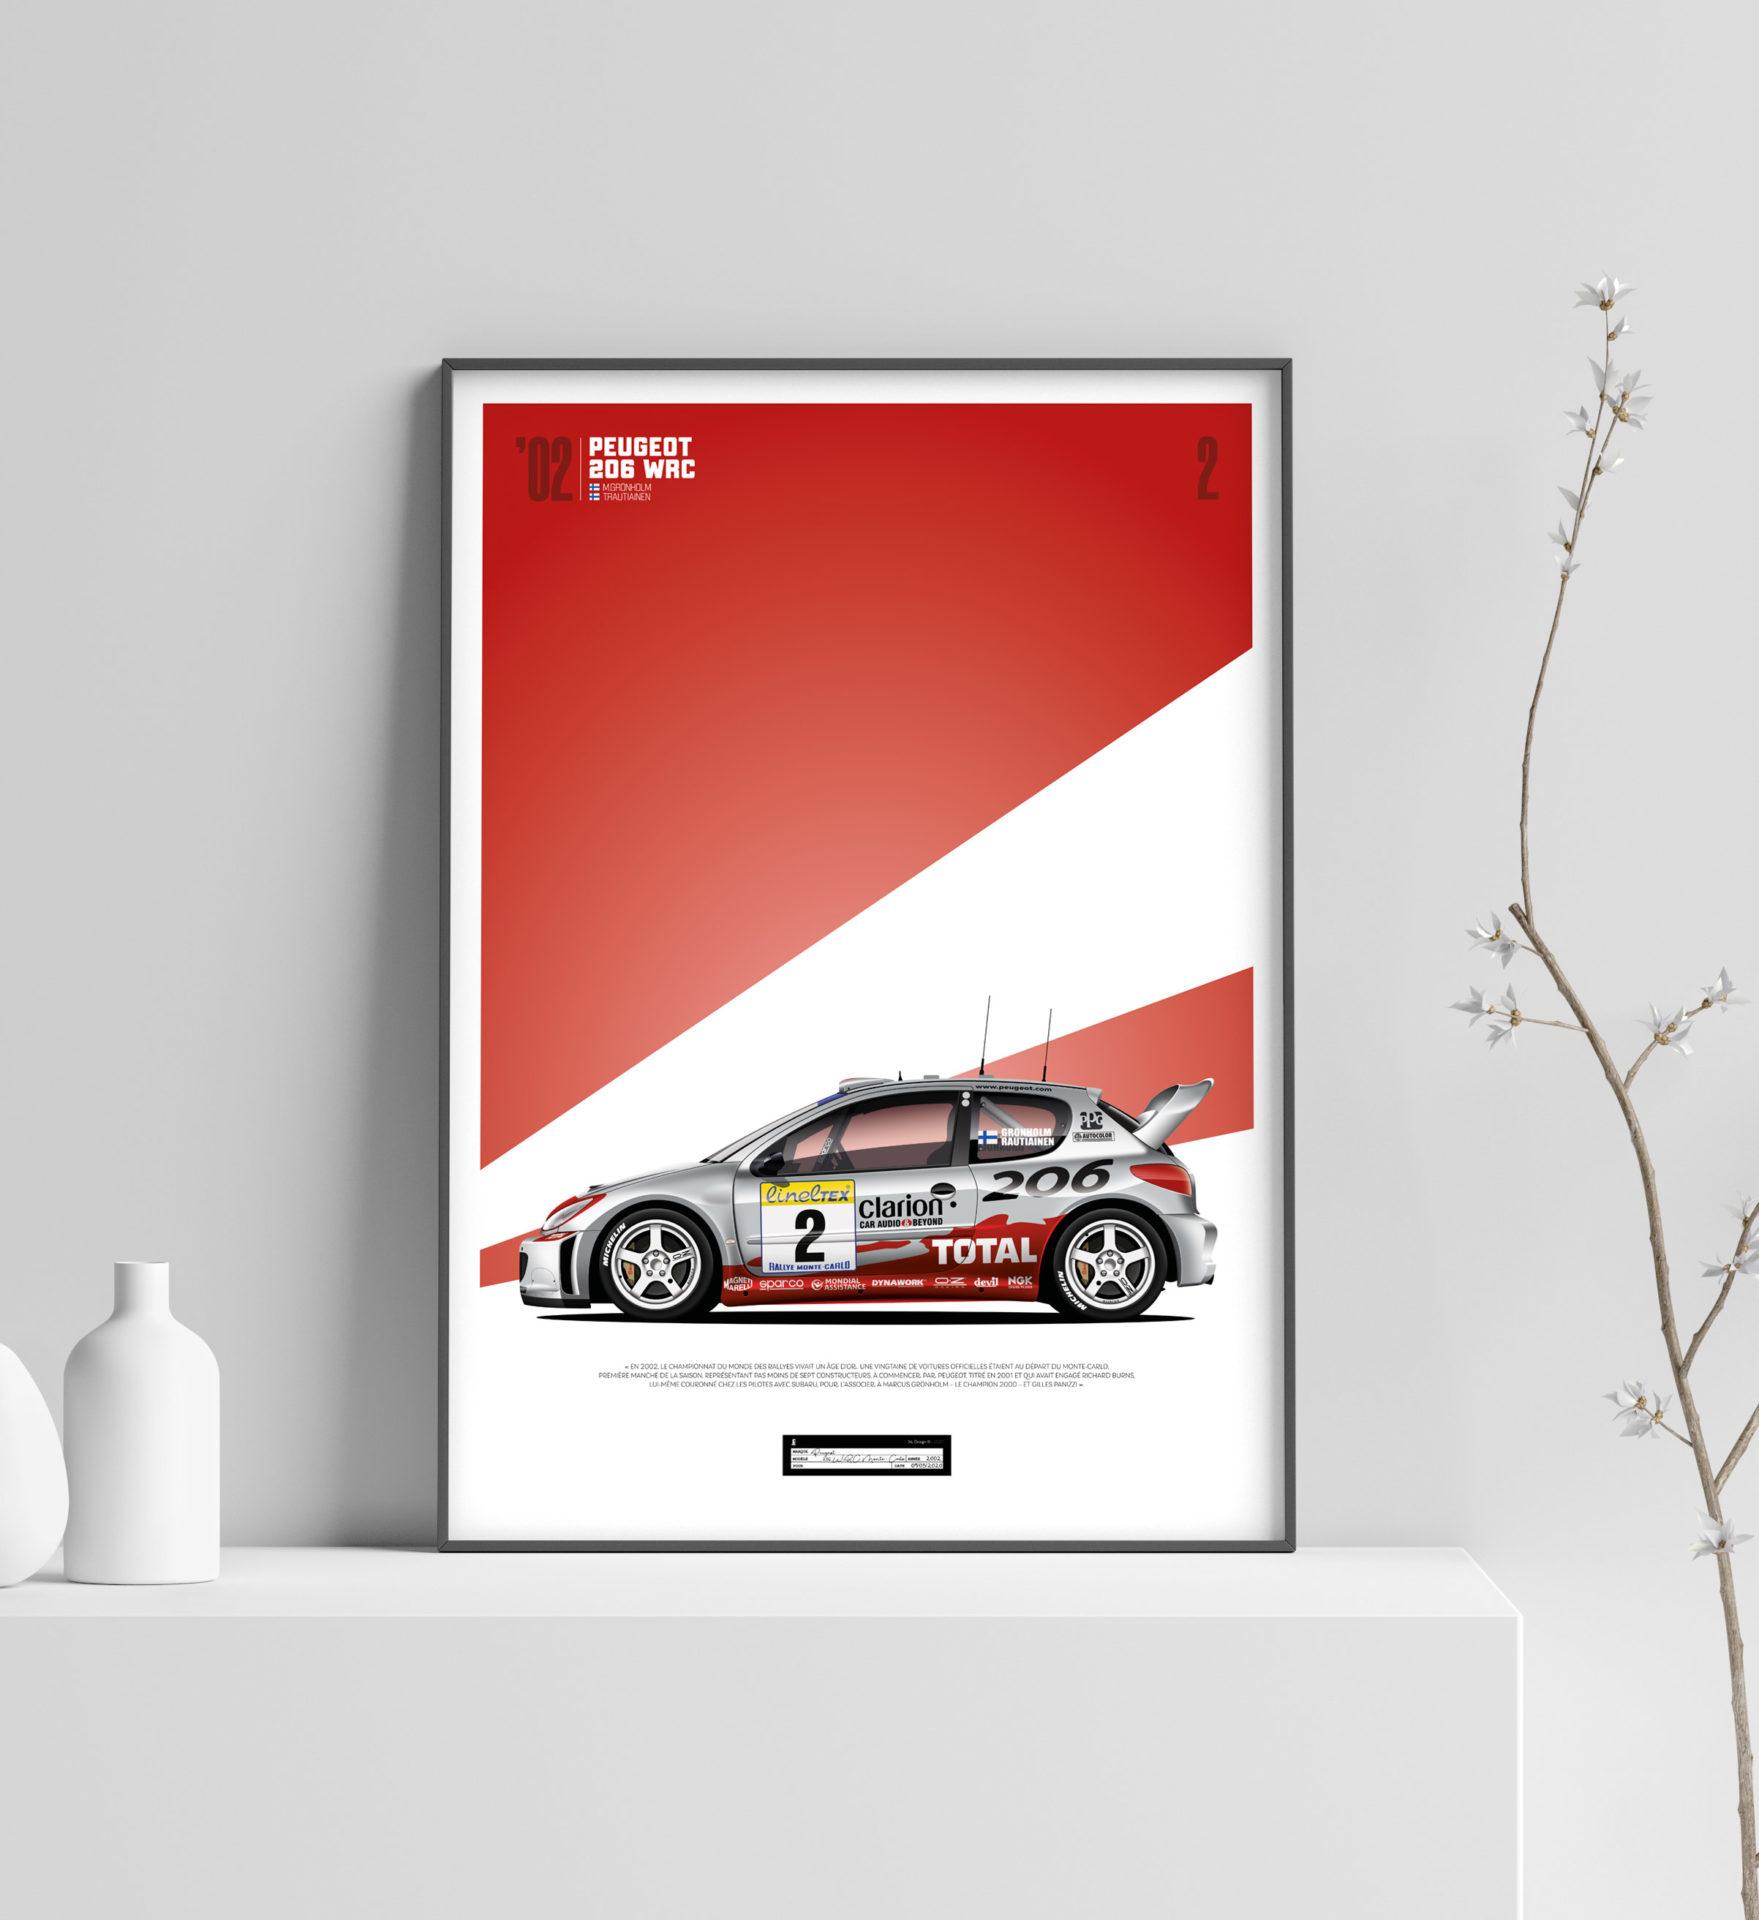 Jk Design - 206 WRC - 07